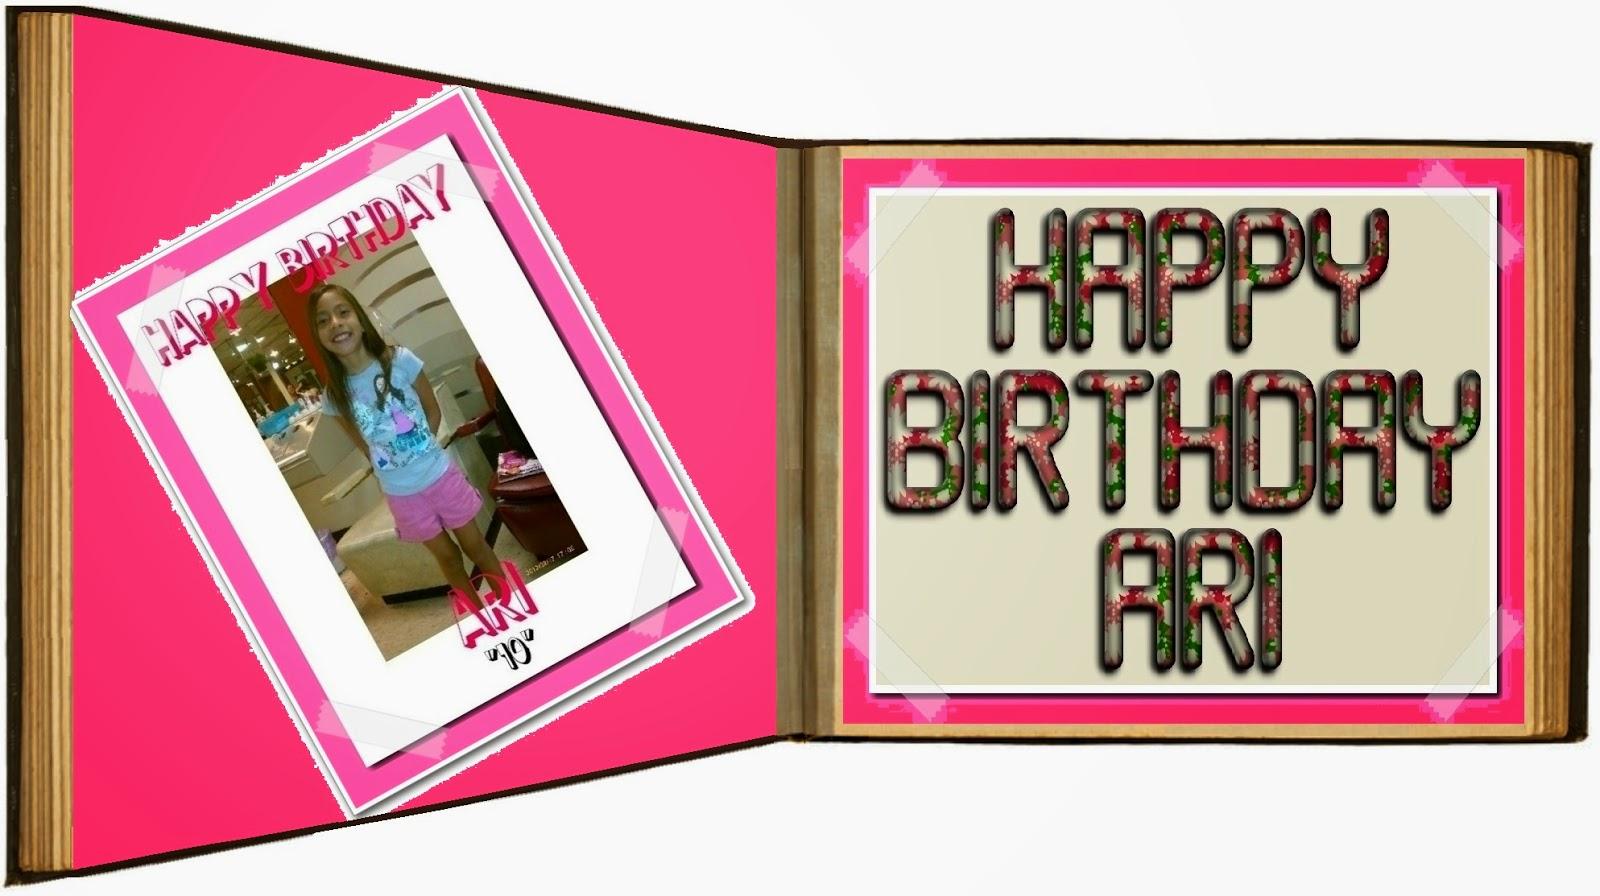 dominguez family blog  birthday wishes  happy birthday  ari